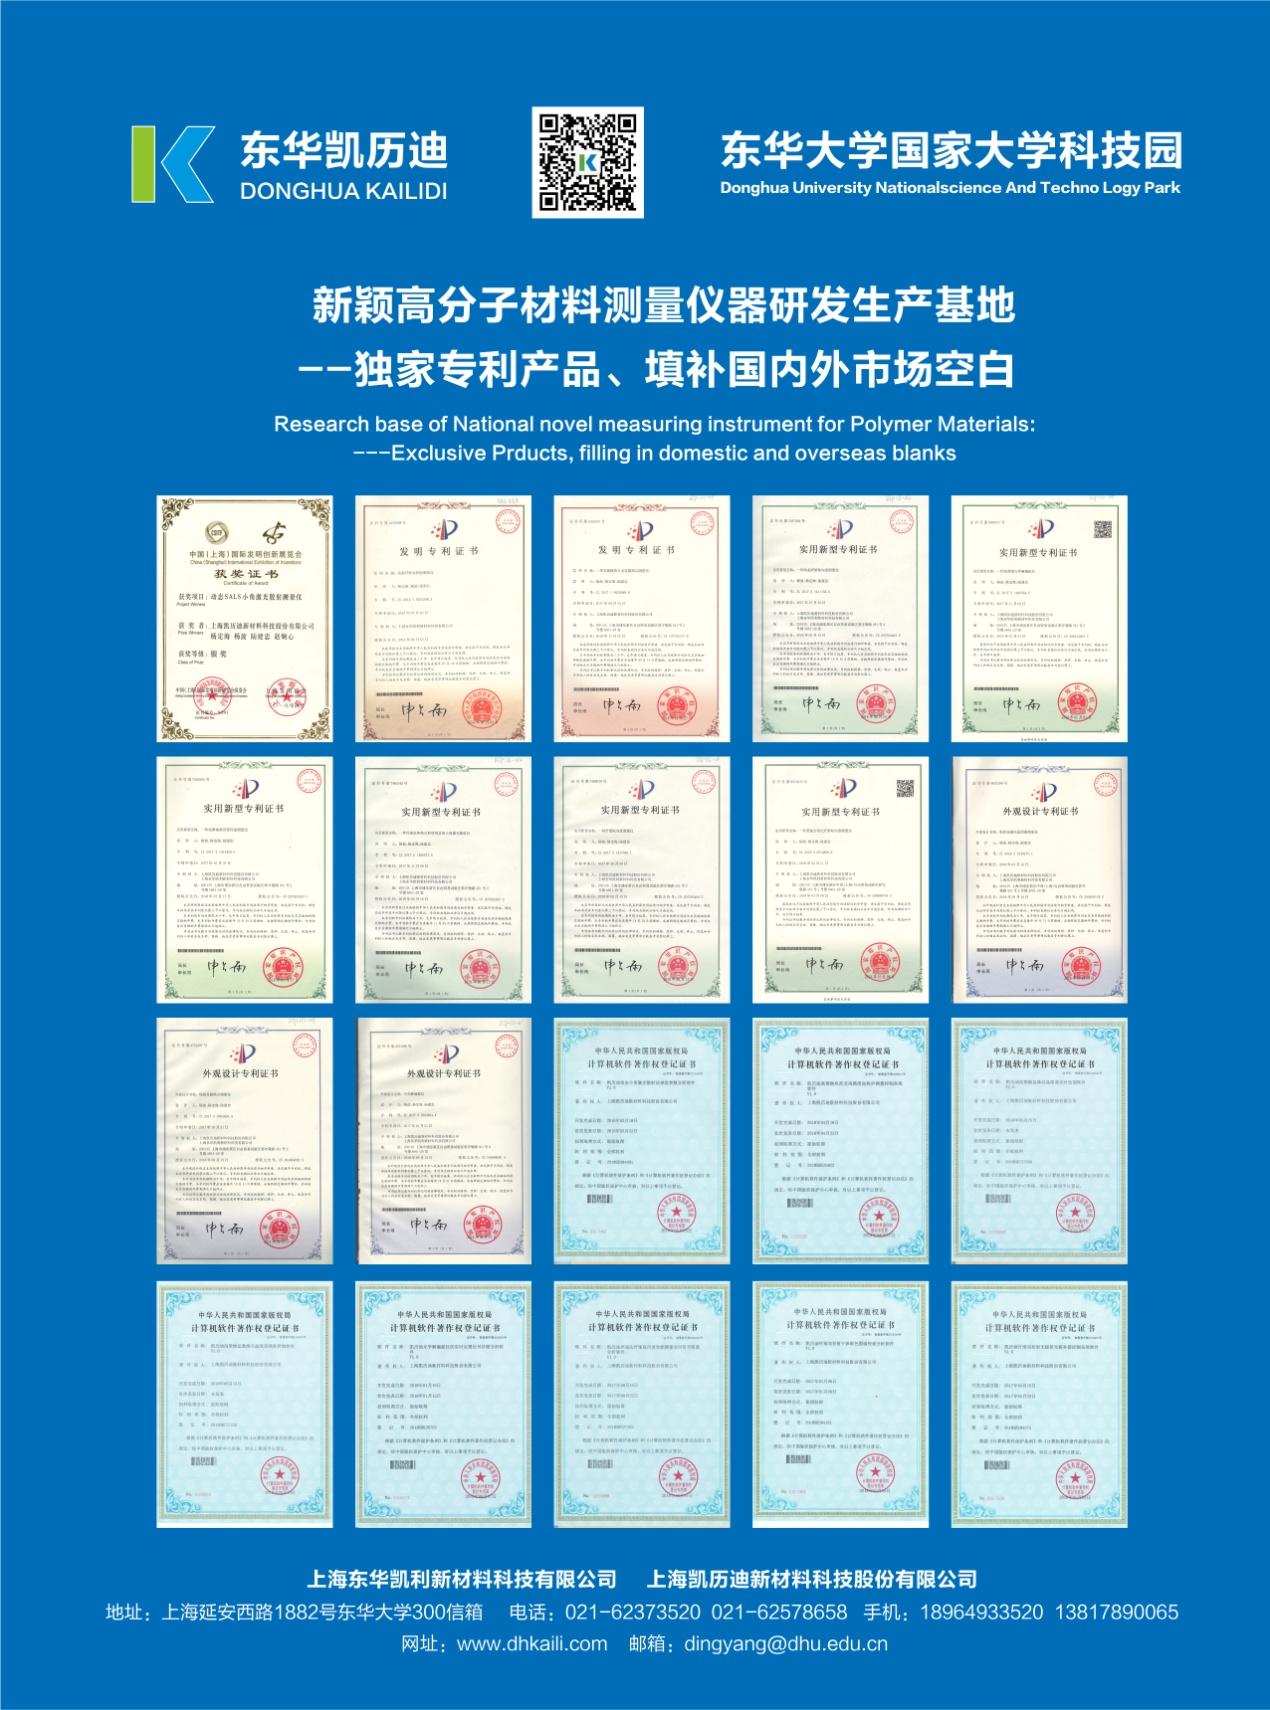 上海凯历迪:邀您莅临2019环境矿物材料创新发展大会!